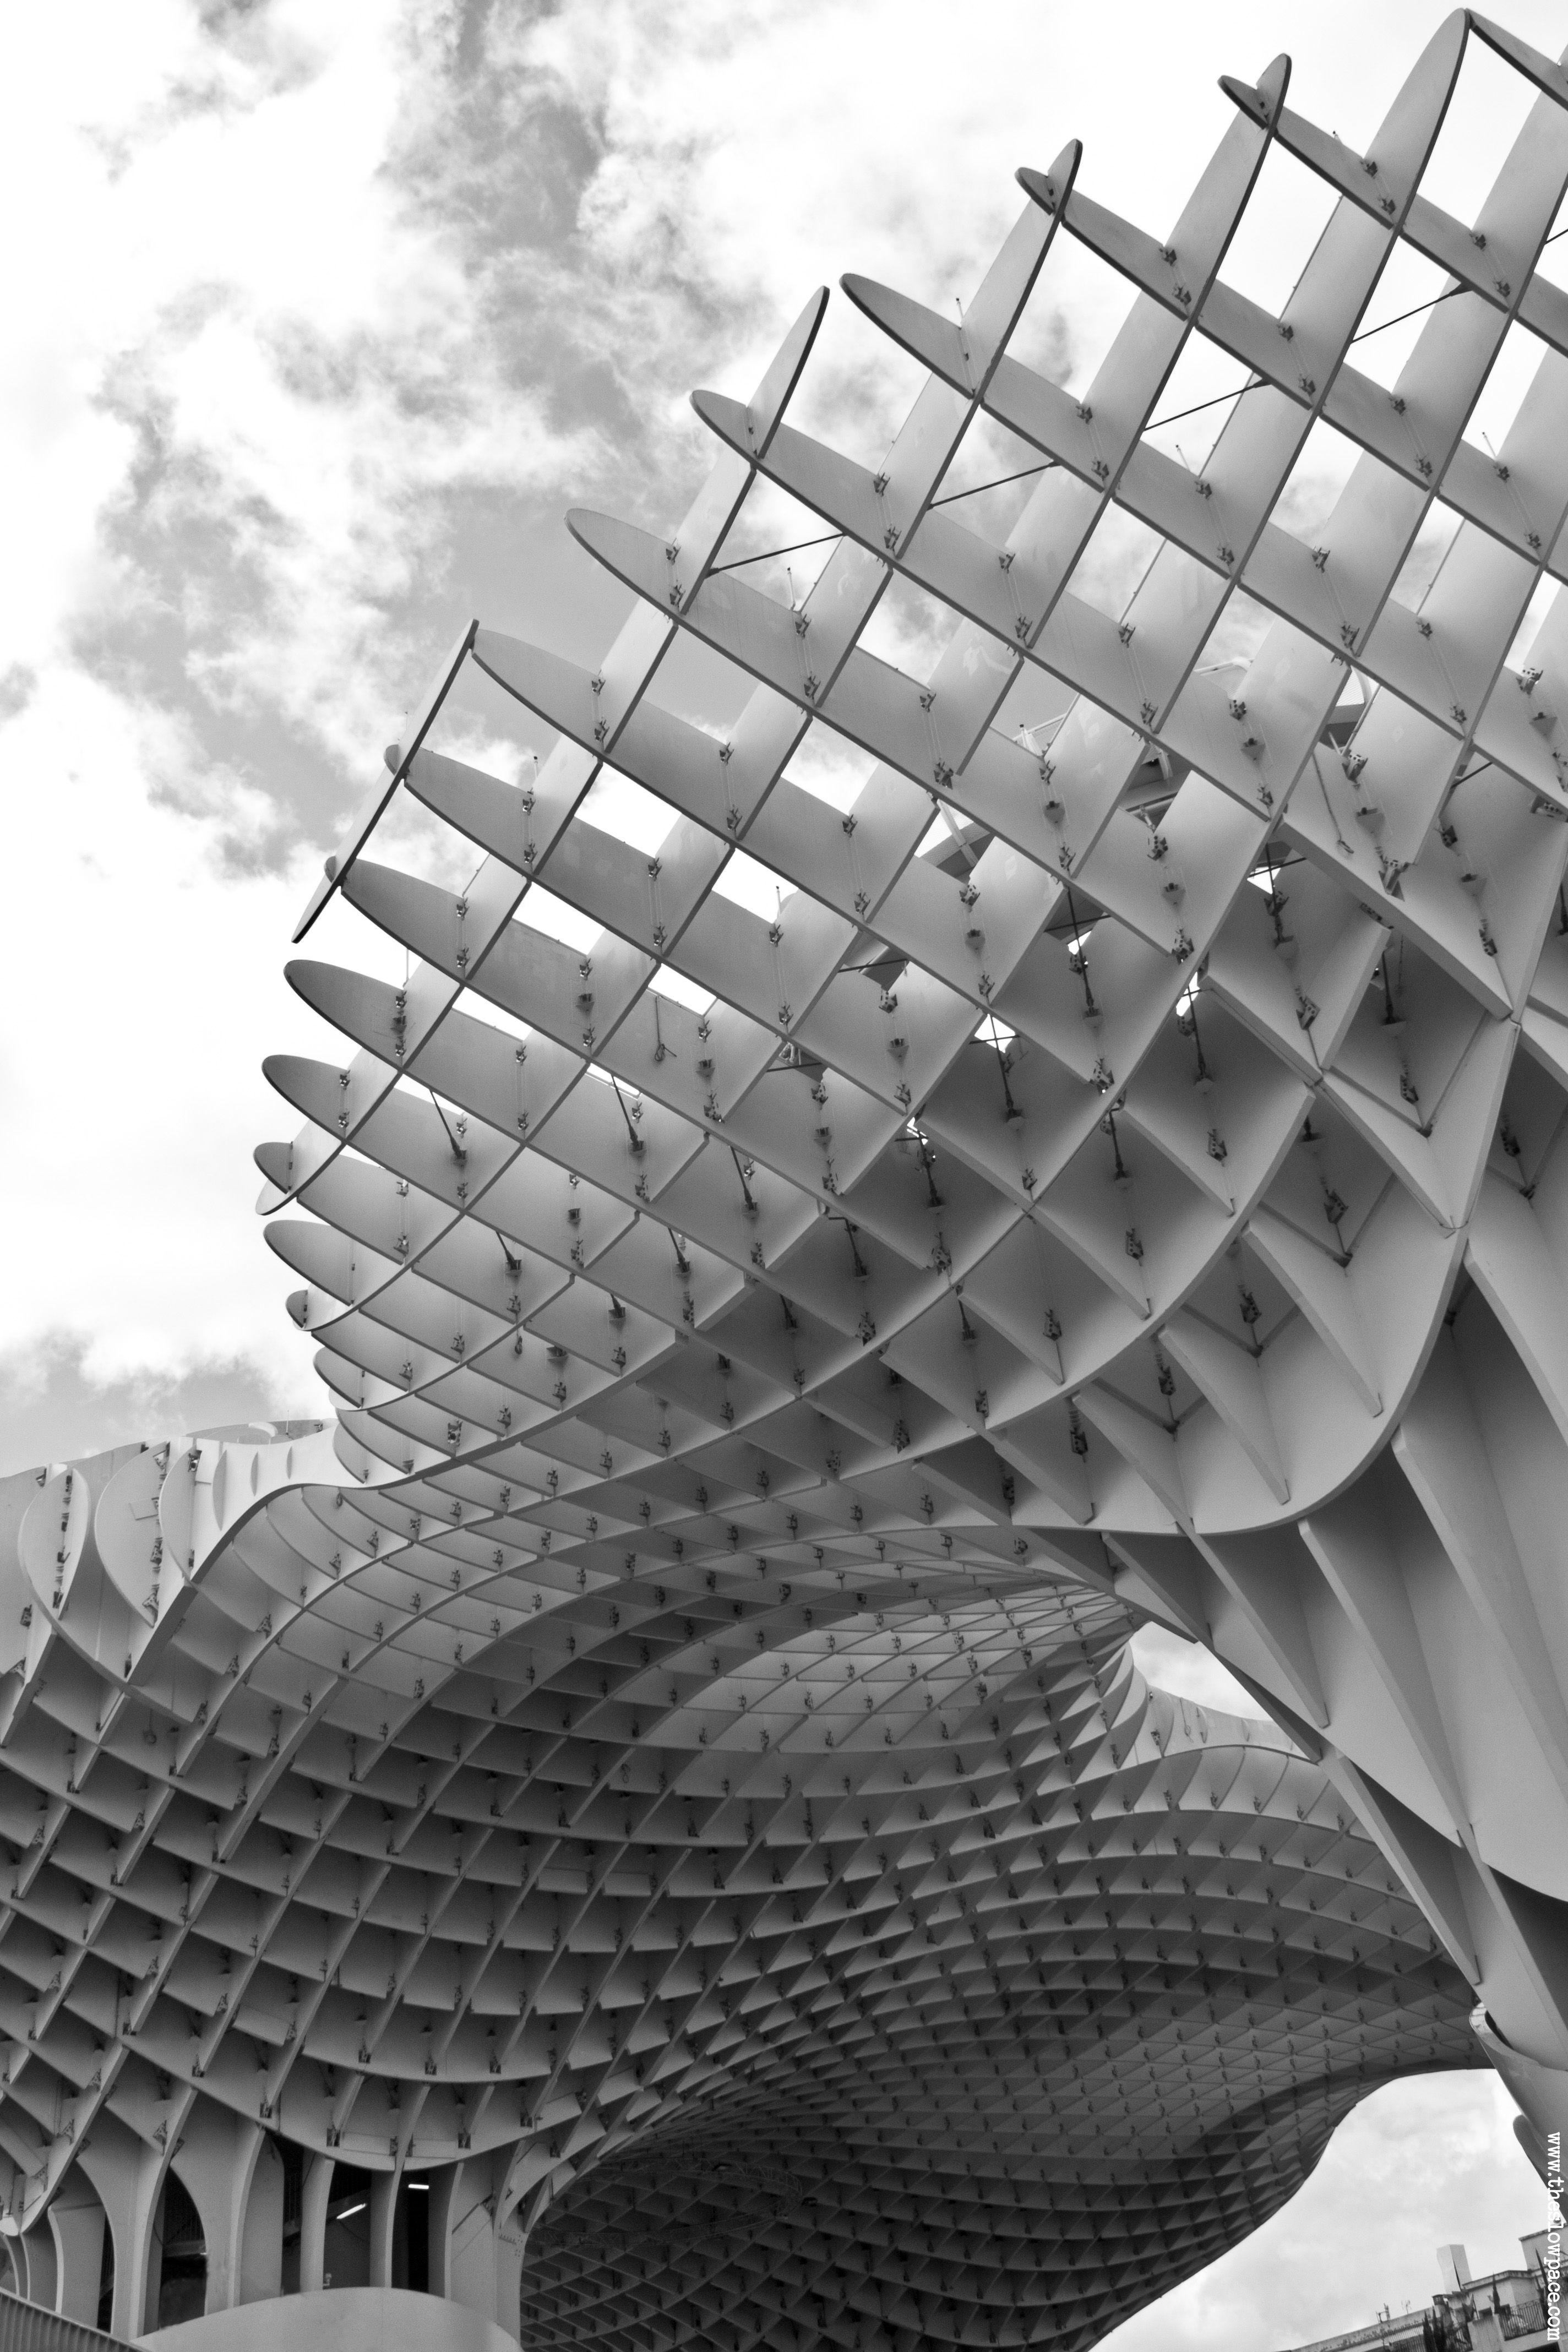 Permalink to Meilleur De De Parasol Design Concept